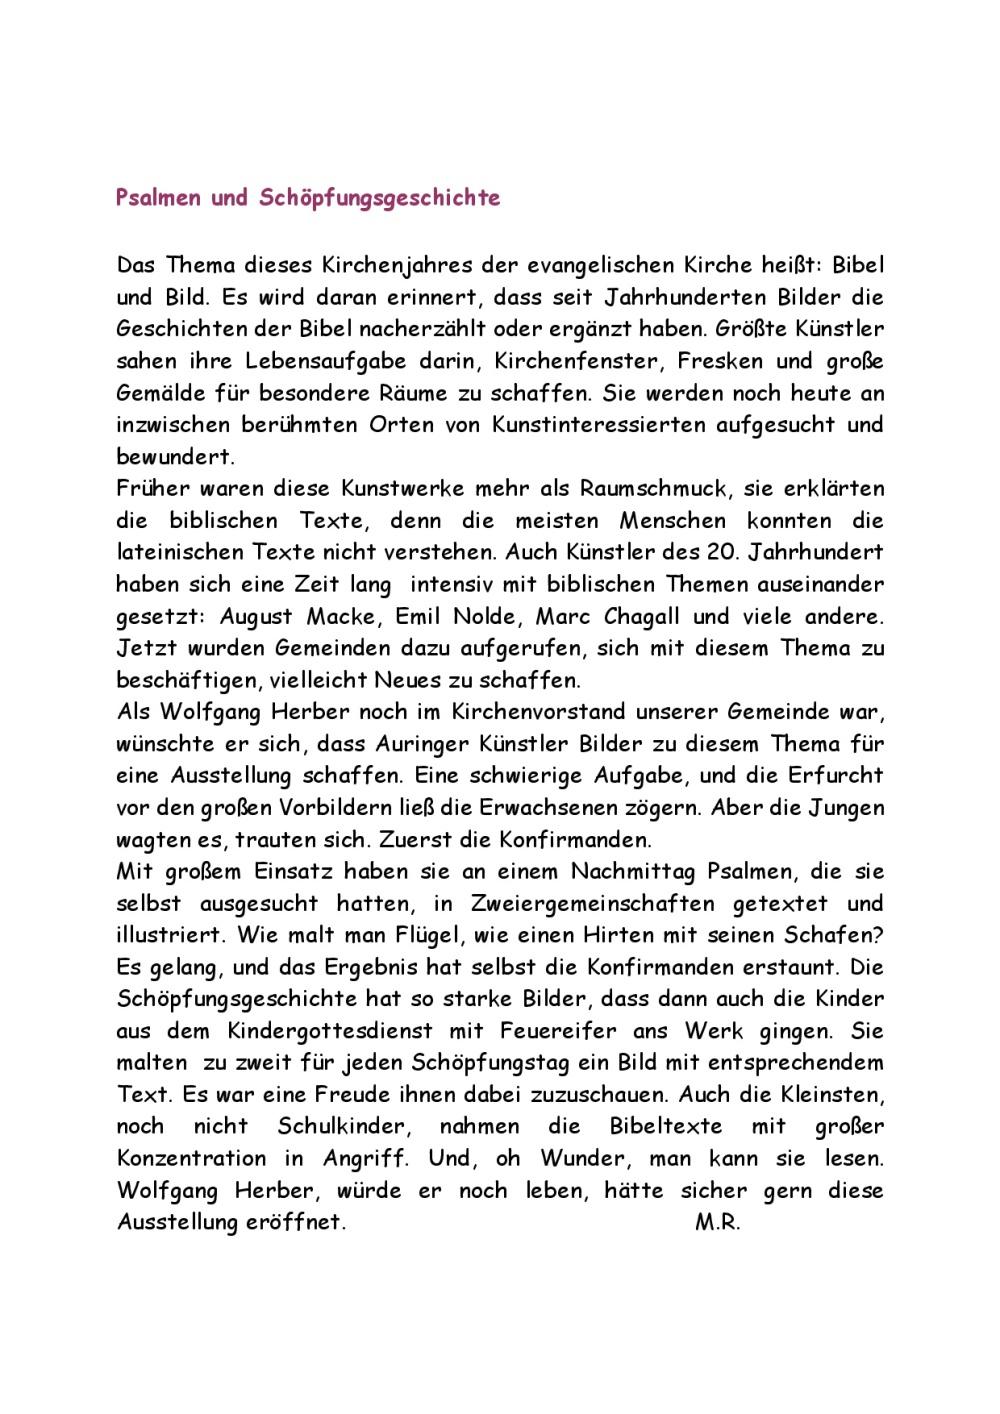 2015-09-30 Psalmen und Schöpfungsgeschichte-001